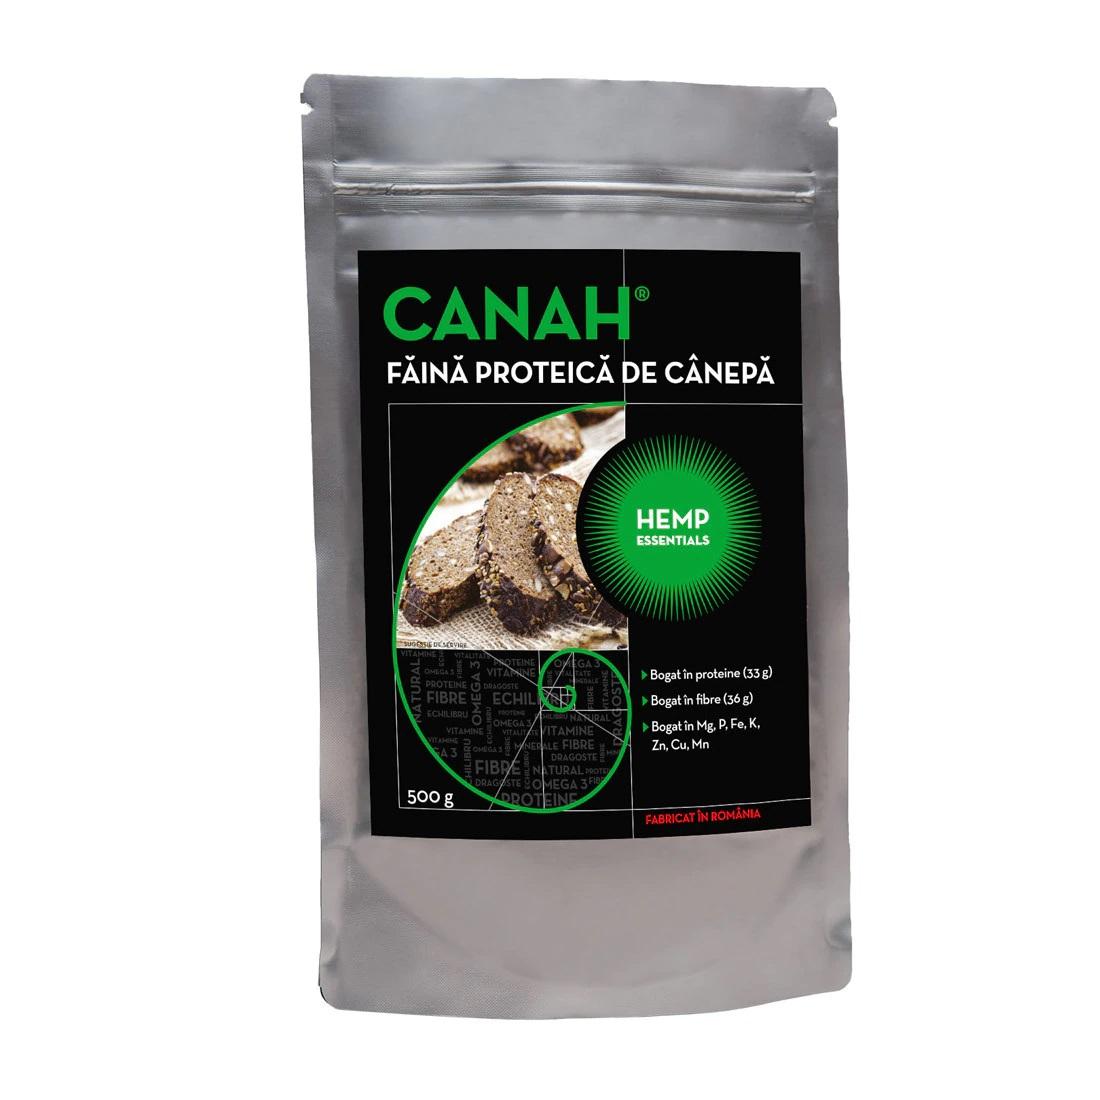 Faina proteica de canepa, 500g, Canah drmax.ro